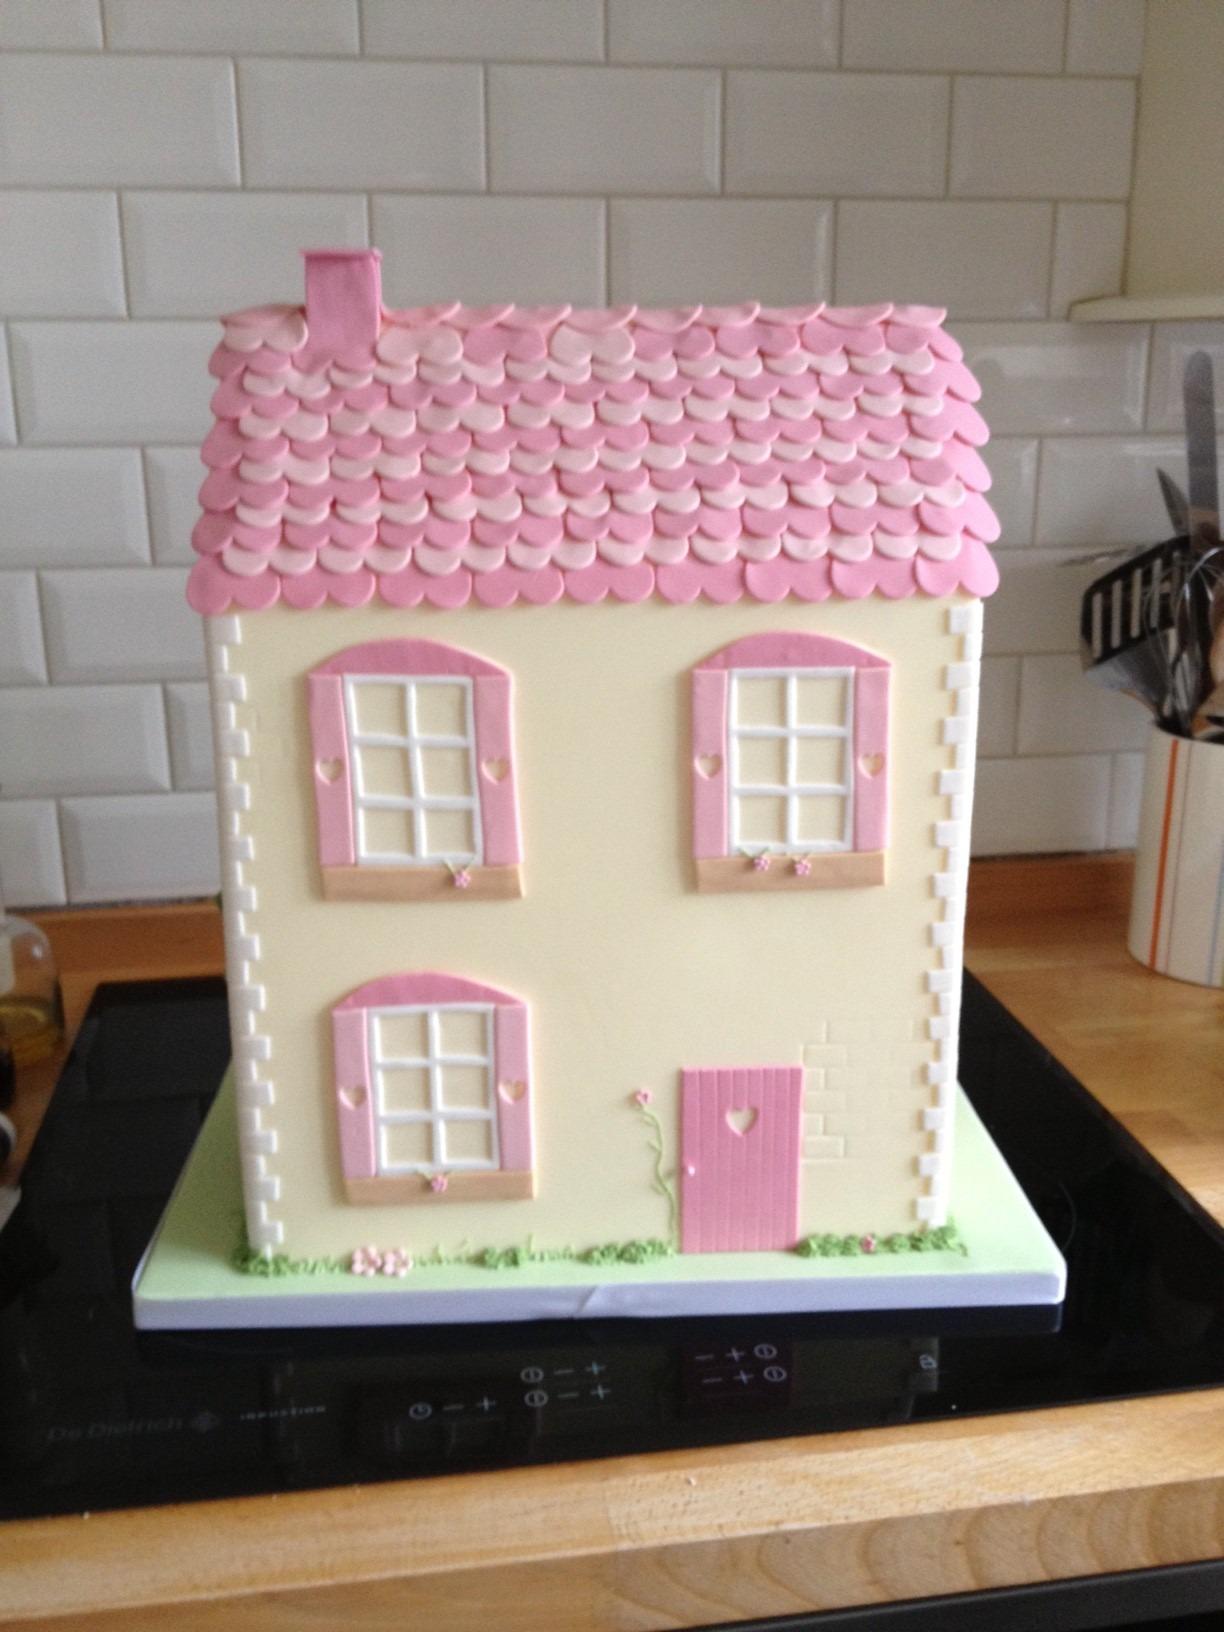 Dolls House Cake Dummy Cake Dummies